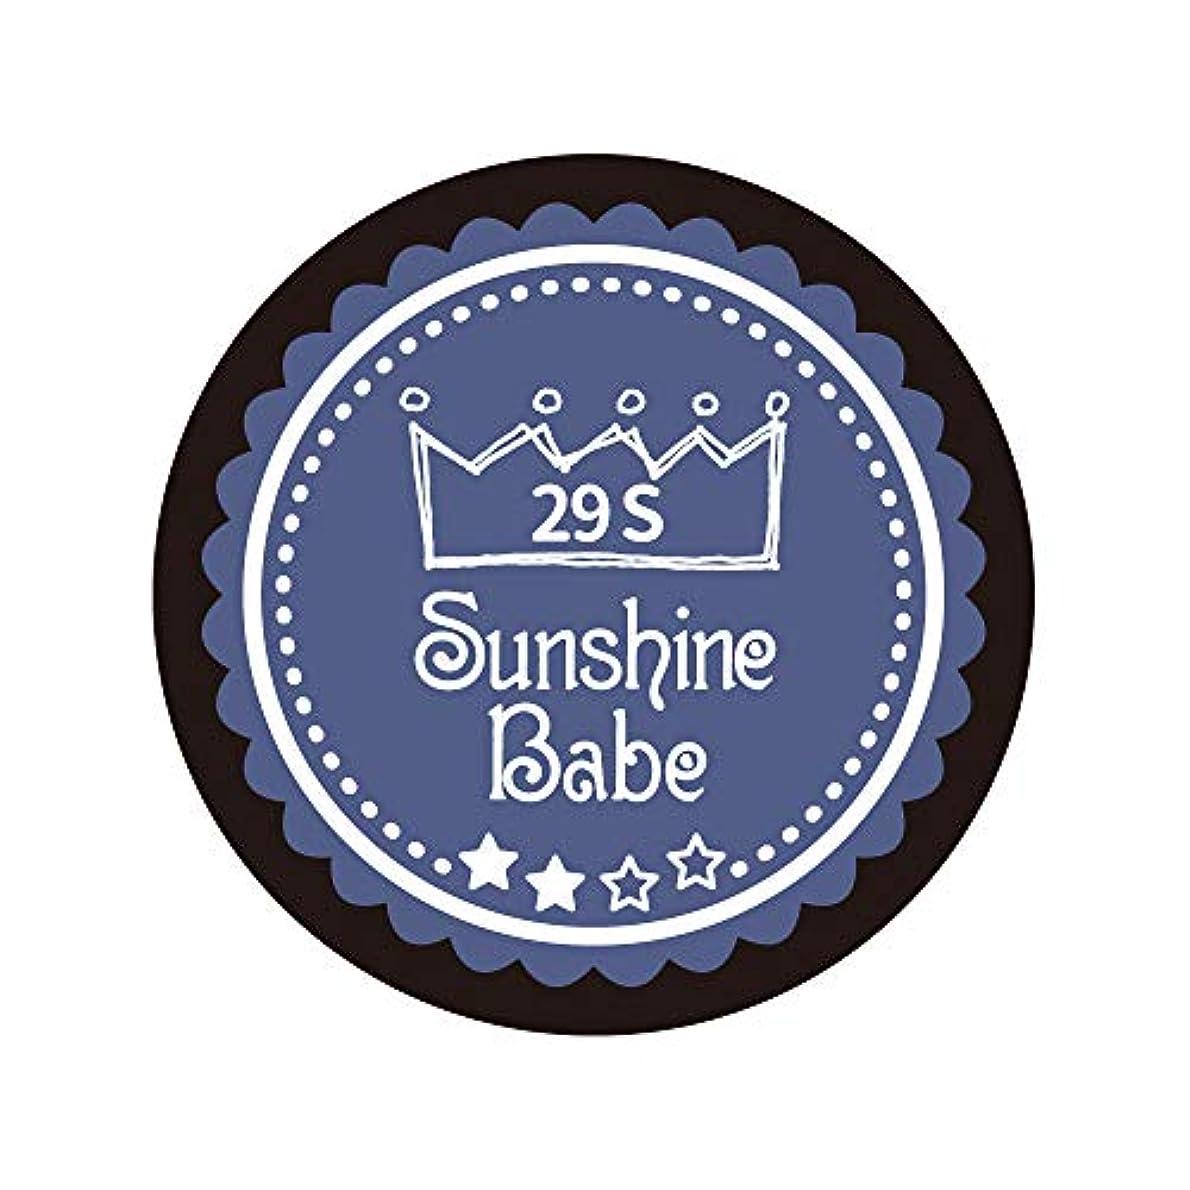 時間厳守発動機太鼓腹Sunshine Babe カラージェル 29S ネイビーグレー 2.7g UV/LED対応